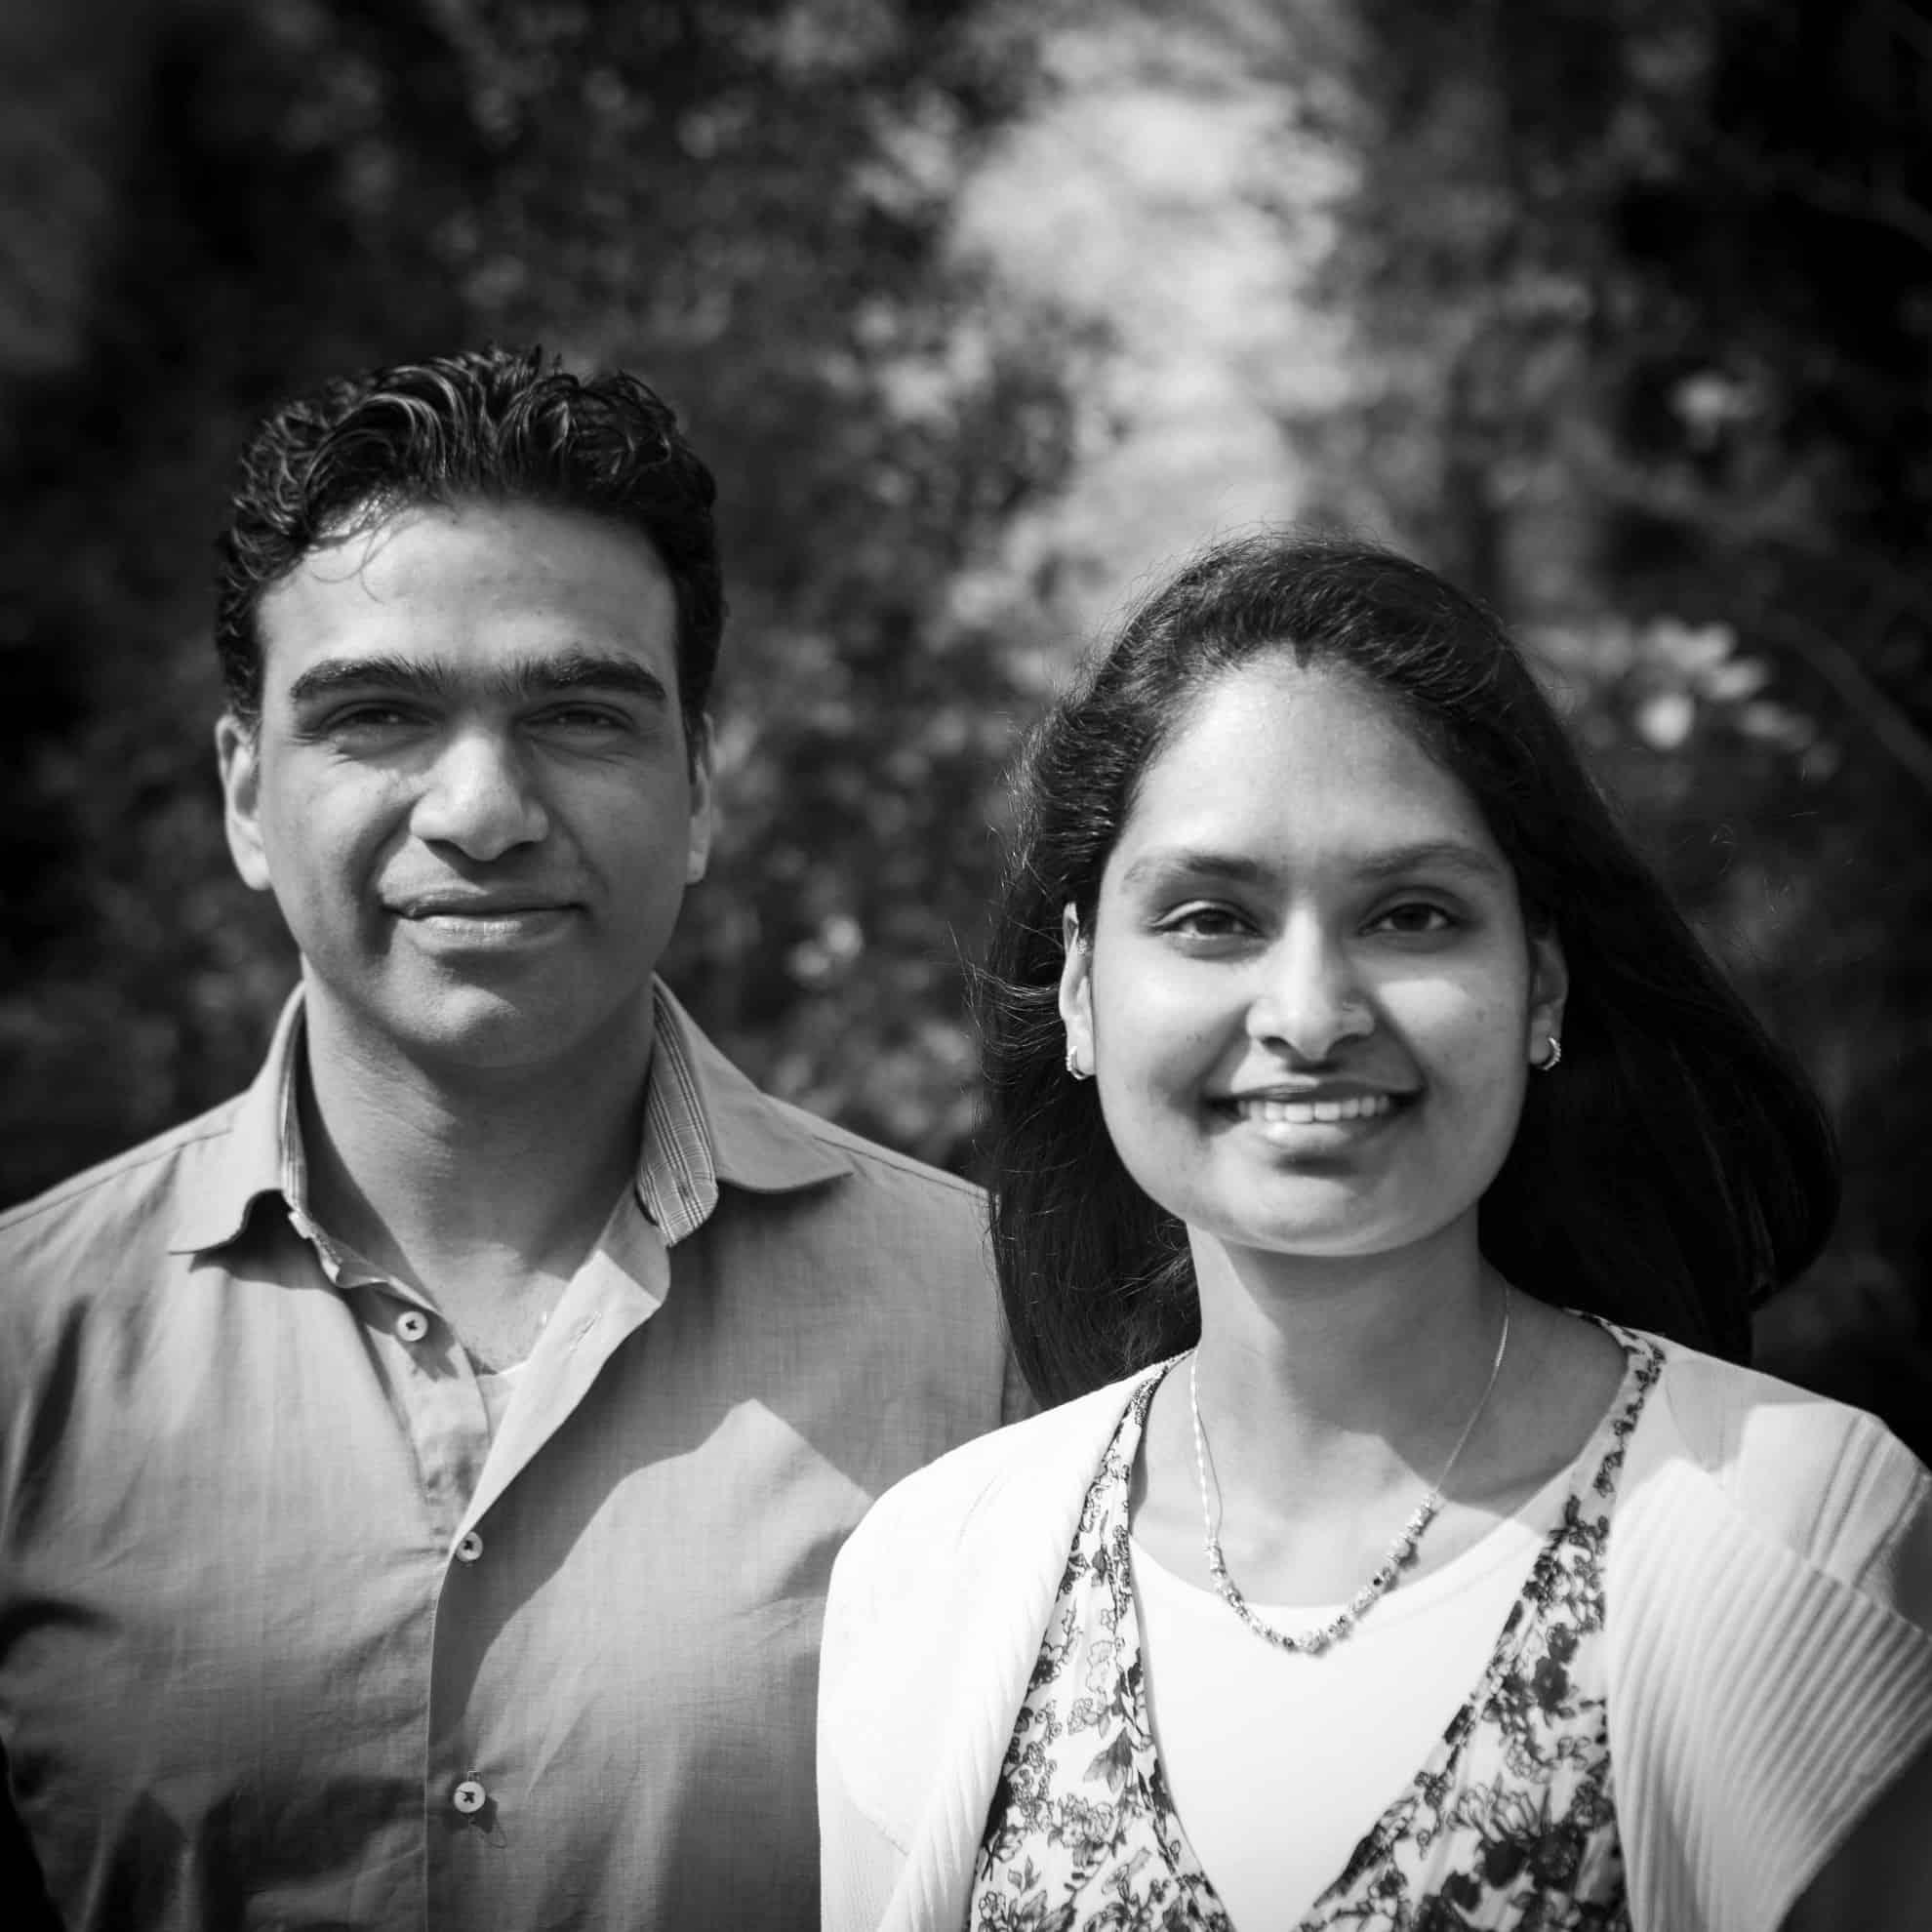 Rishi en Sharesma Soekhai - Yoga retraite The Land of Now